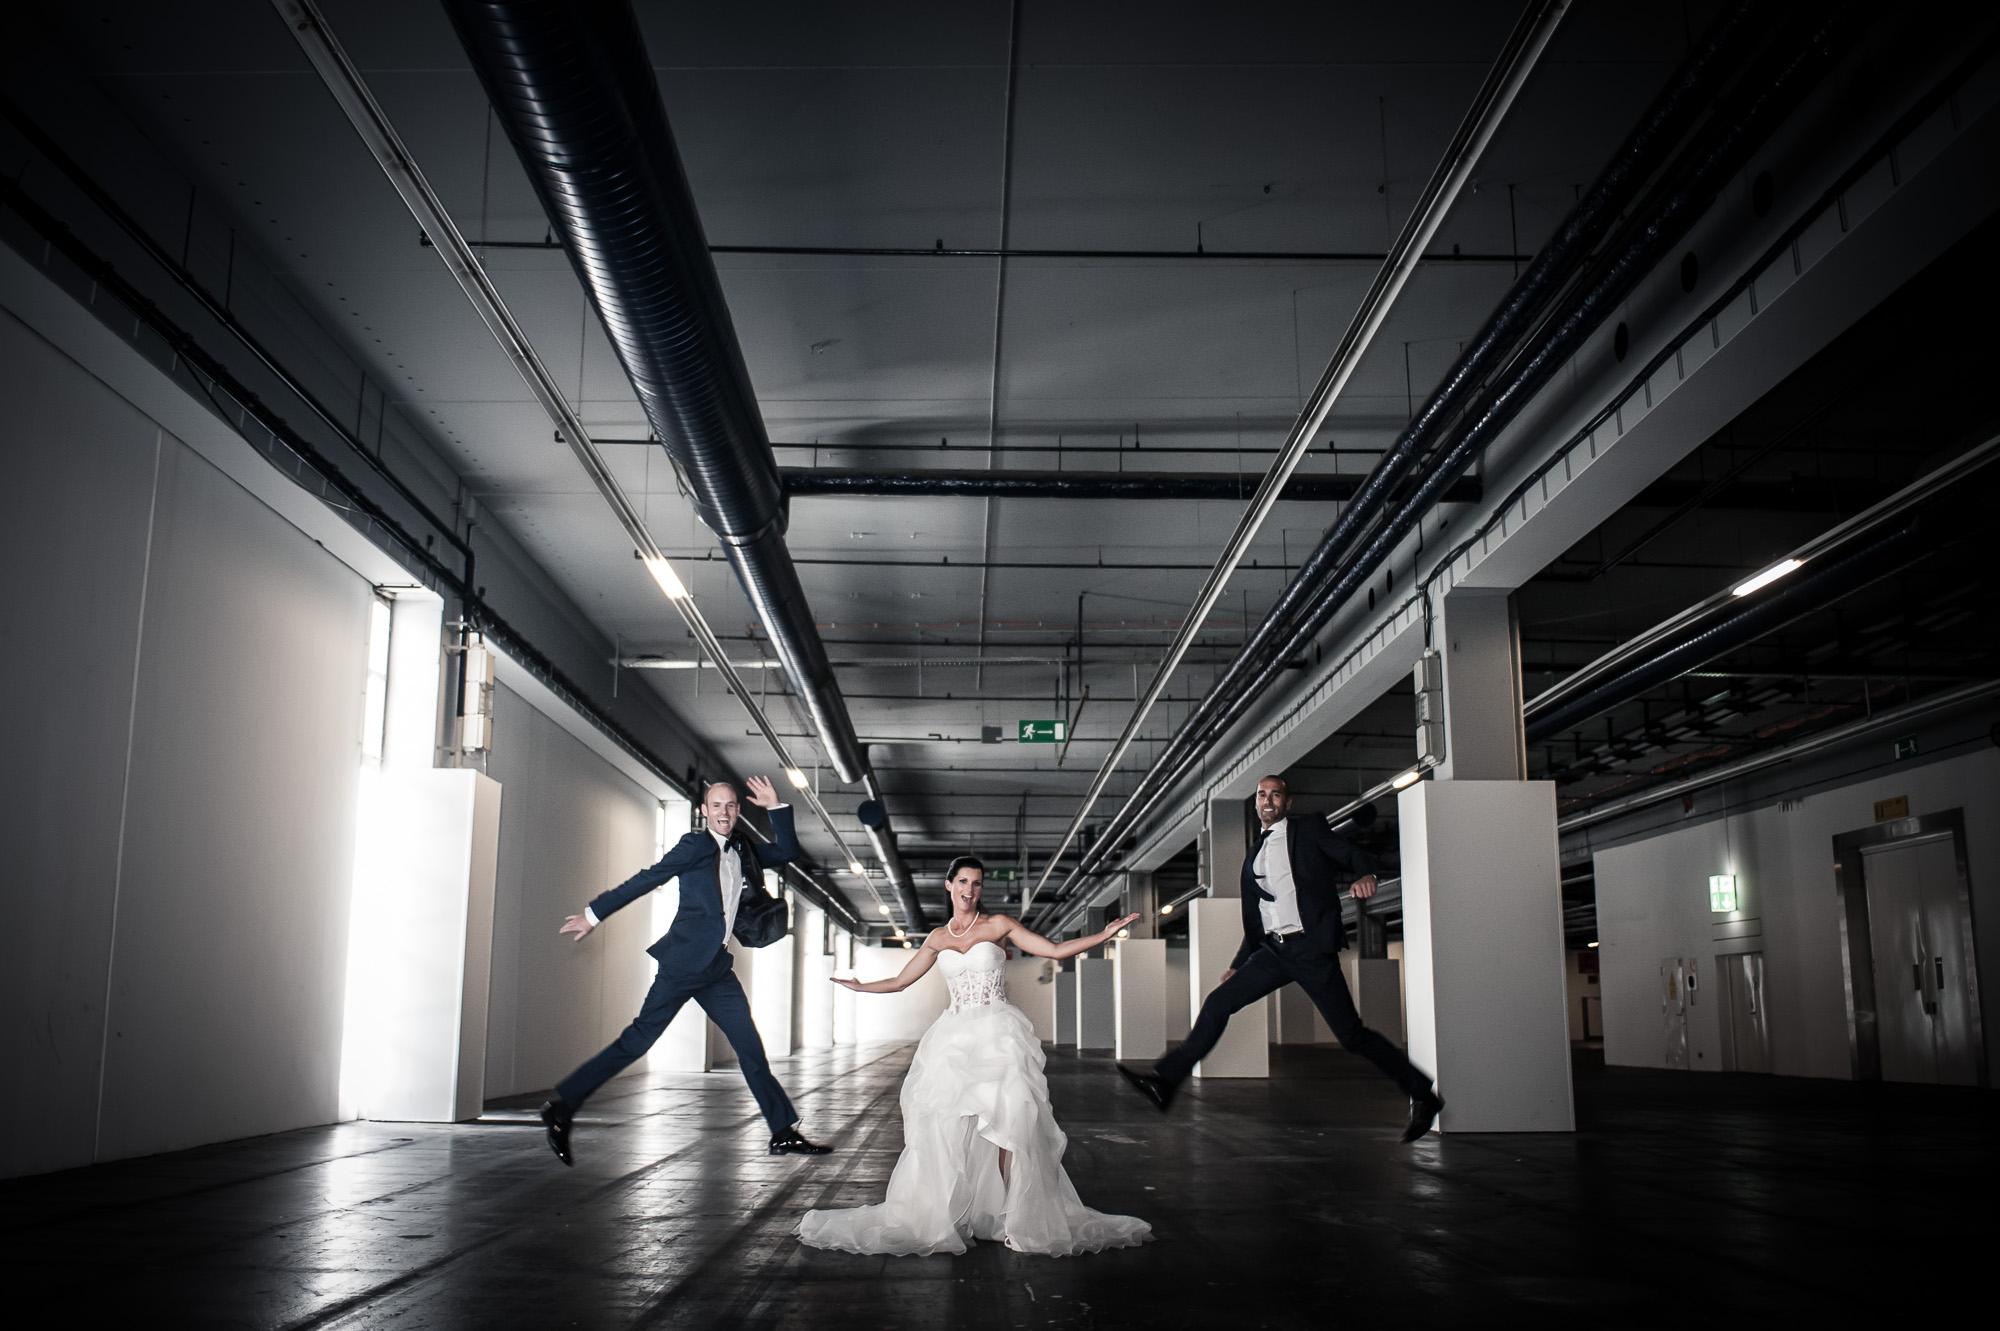 Hochzeit B2000  229930 157 - Strickroth & Fiege Fotografie